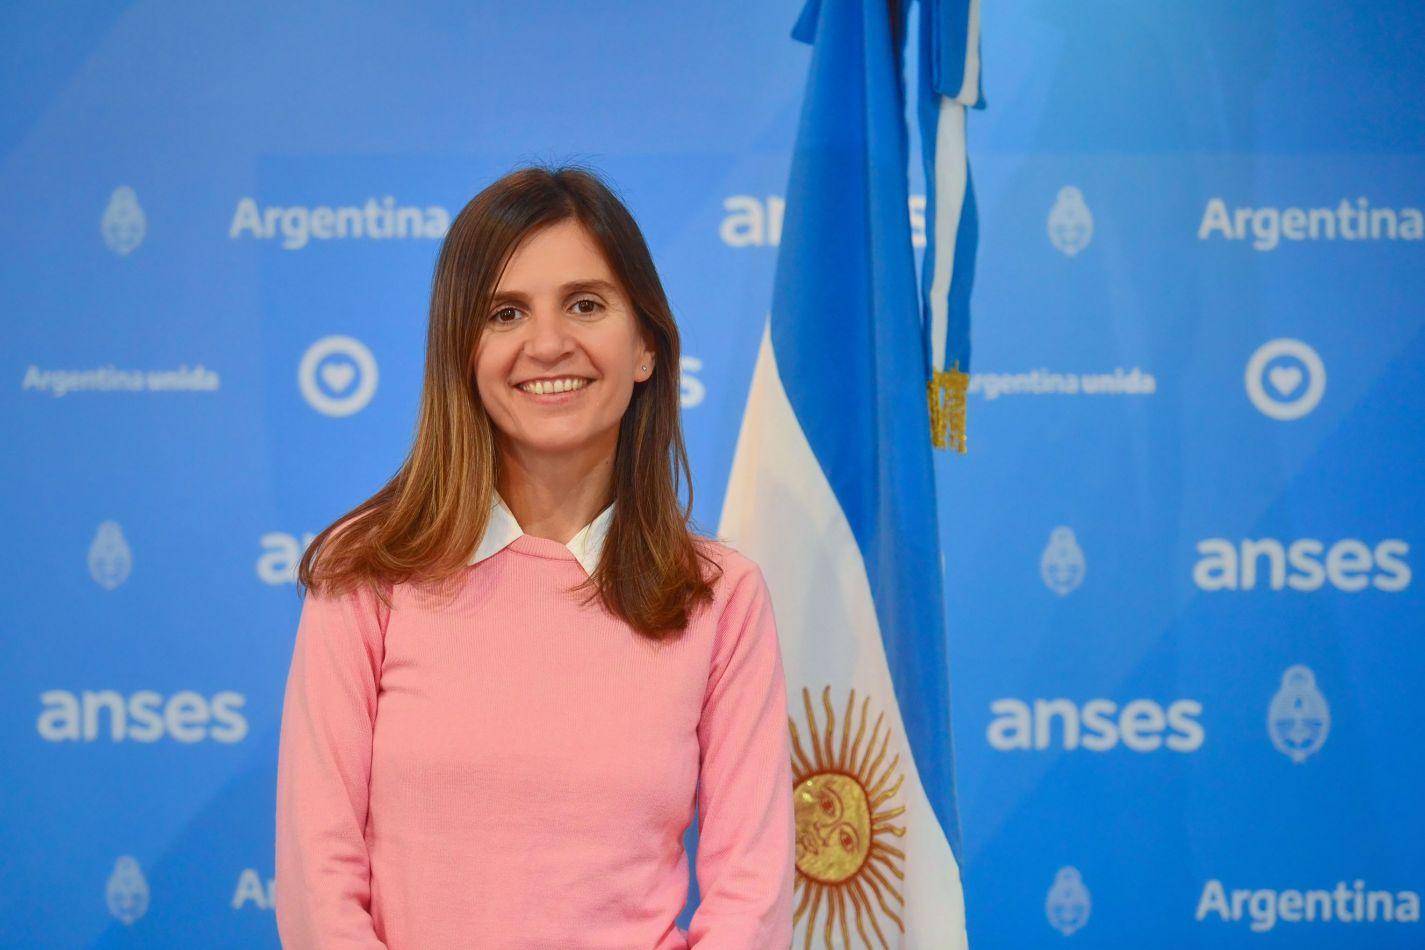 La directora ejecutiva de la ANSES, Fernanda Raverta.